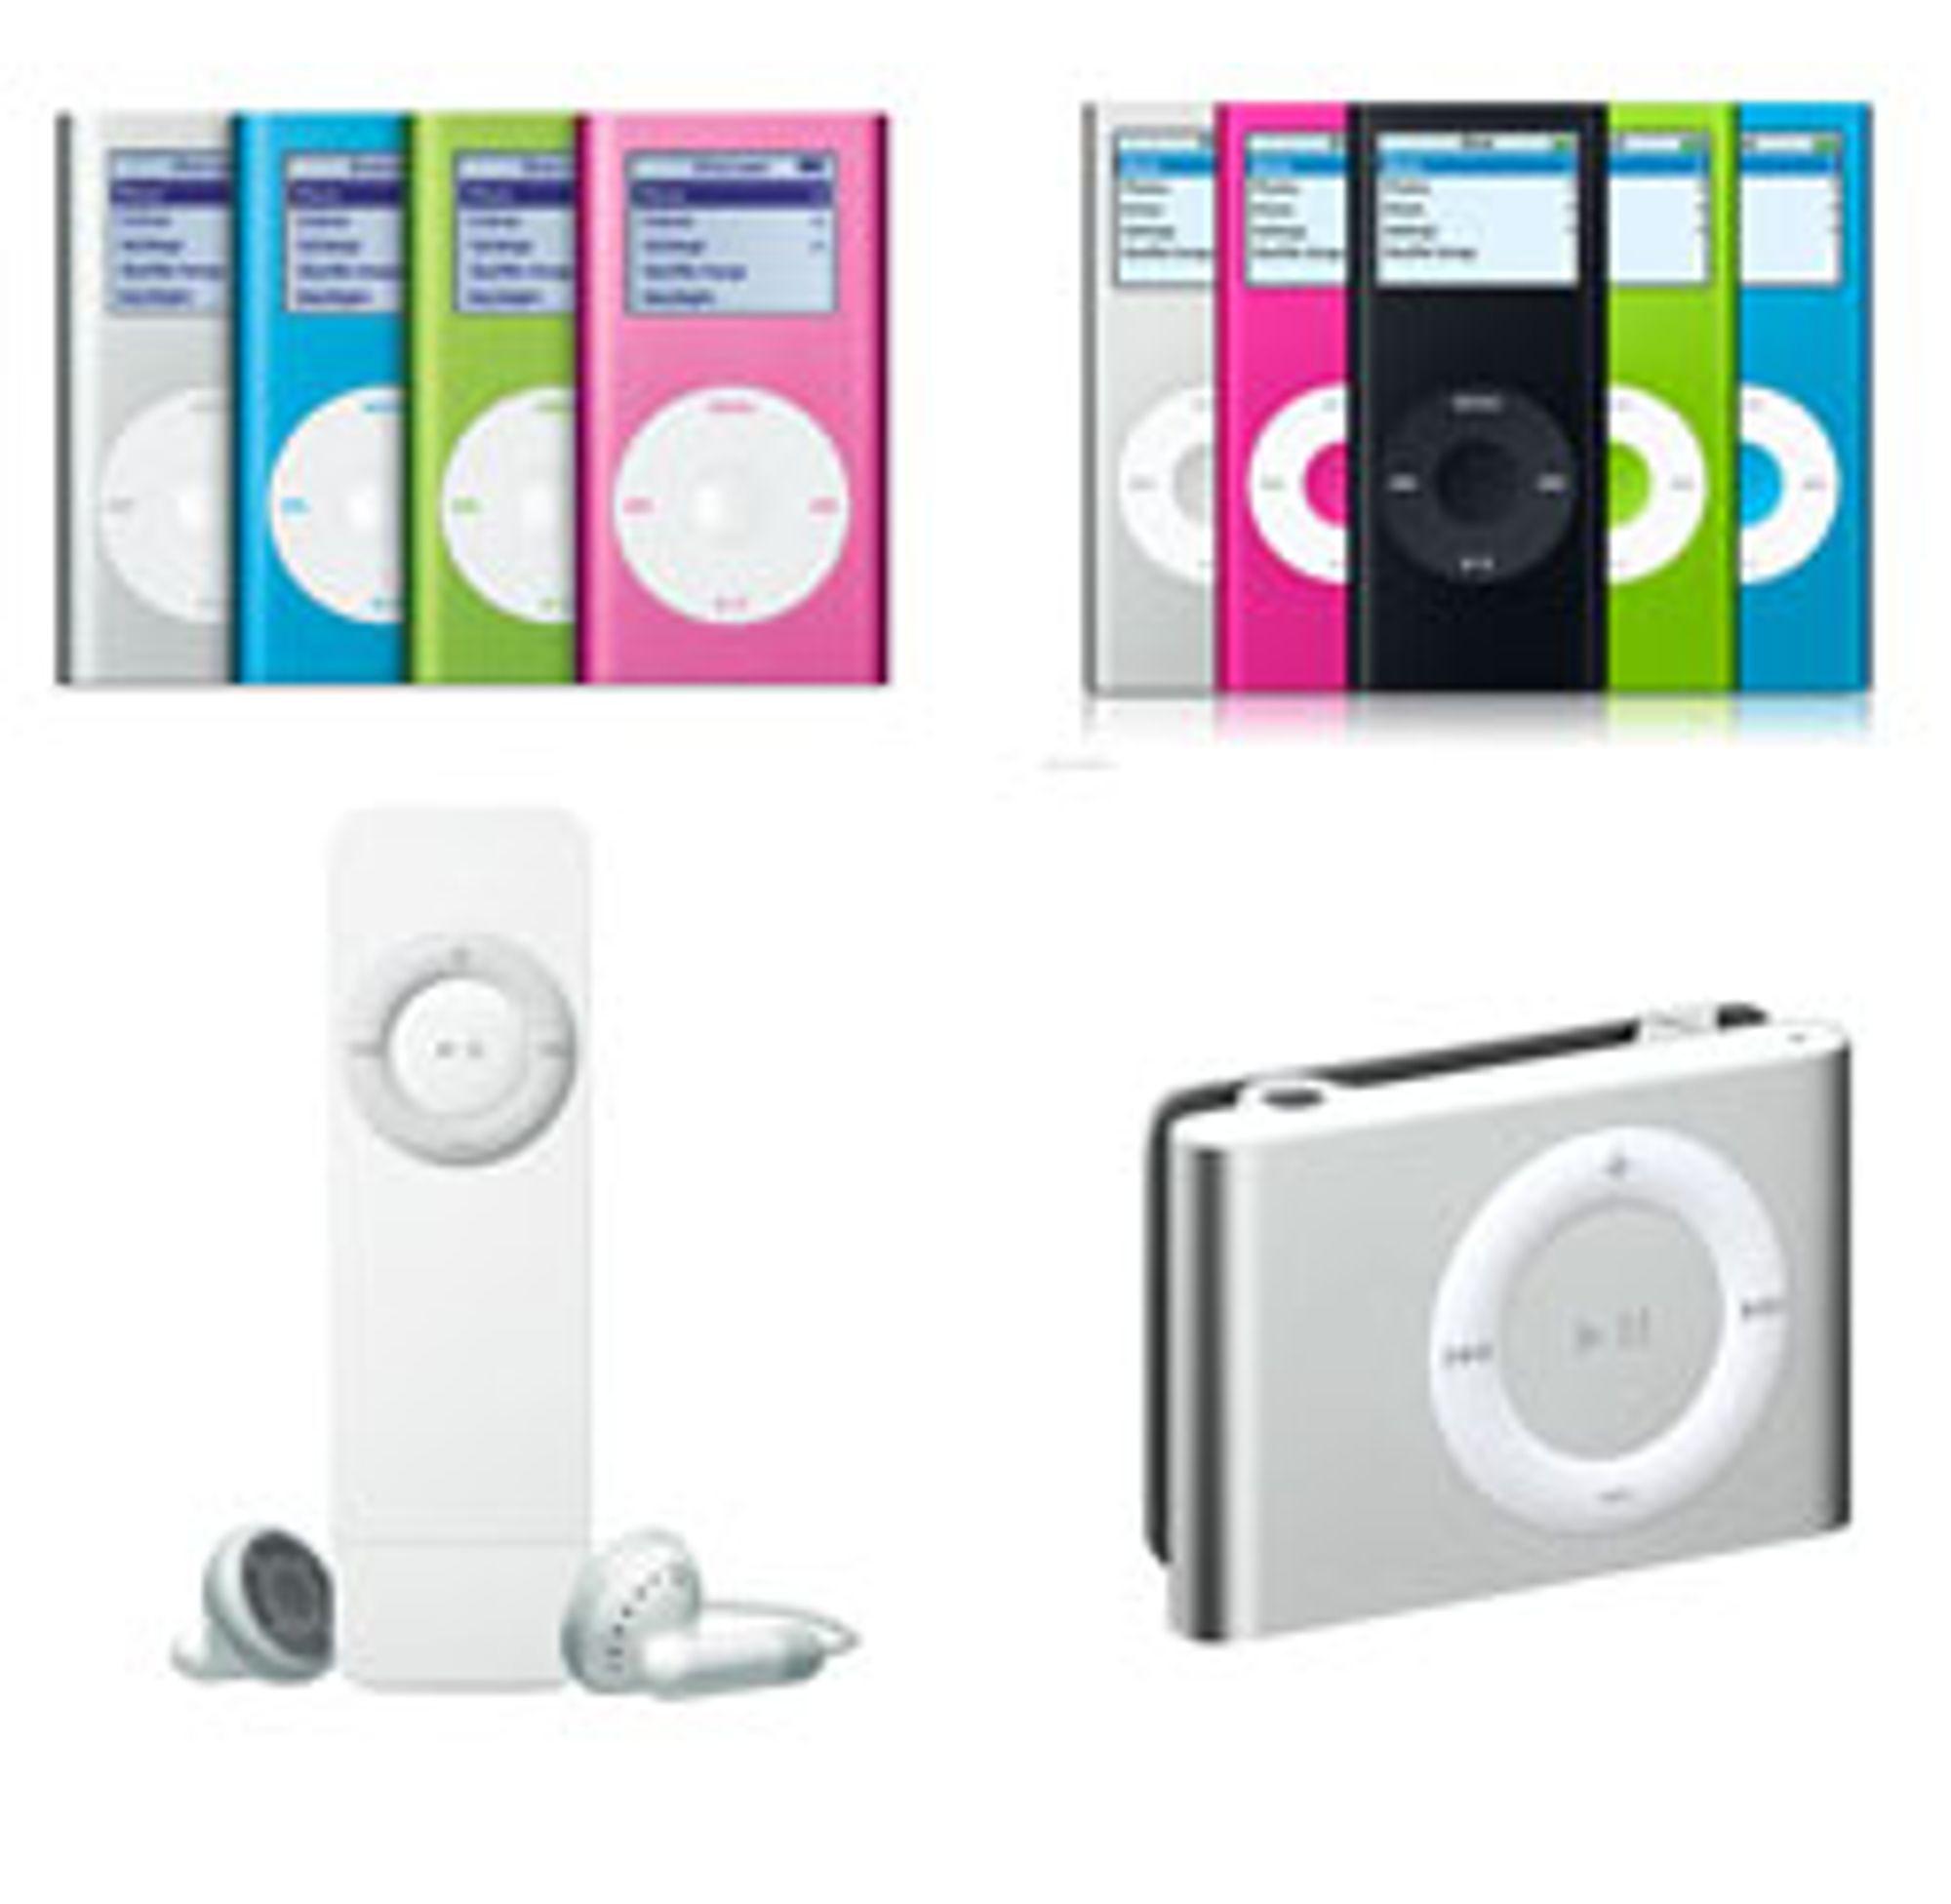 iPod Mini (ø.v) ble til Nano, mens iPod Shuffle (n.v) ble mindre.